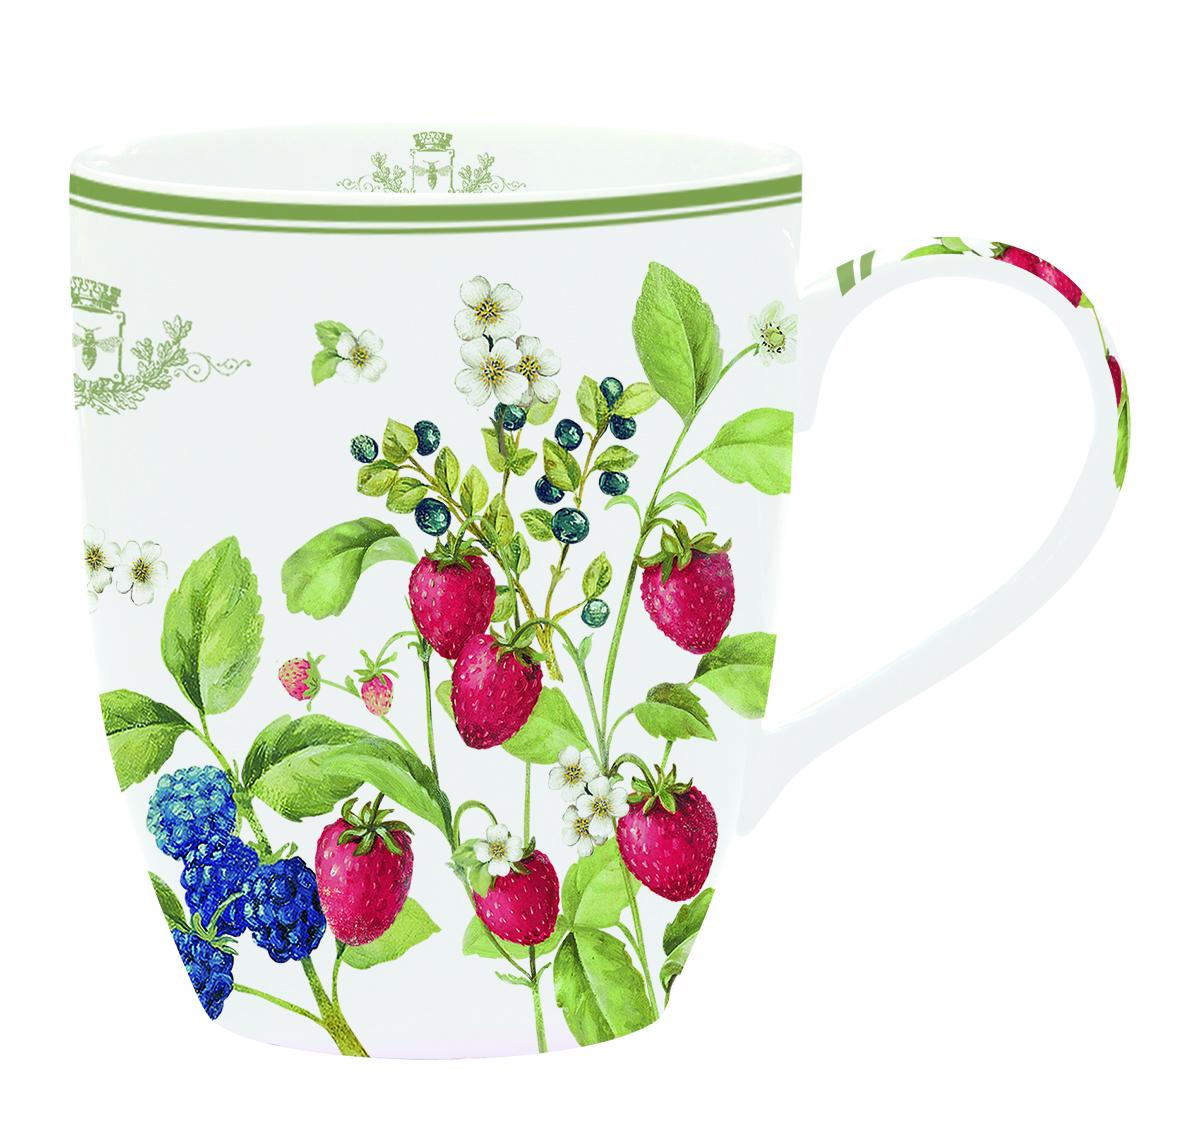 Кружка Nuova R2S Лесные ягоды, 350 мл941BERRКружка Nuova R2S Лесные ягоды изготовлена из высококачественного фарфора и декорирована ярким изображением ягод. Она прекрасно подойдет для вашей кухни и великолепно украсит стол. Изящный дизайн и красочность оформления кружки придутся по вкусу и ценителям классики, и тем, кто предпочитает утонченность и изысканность.